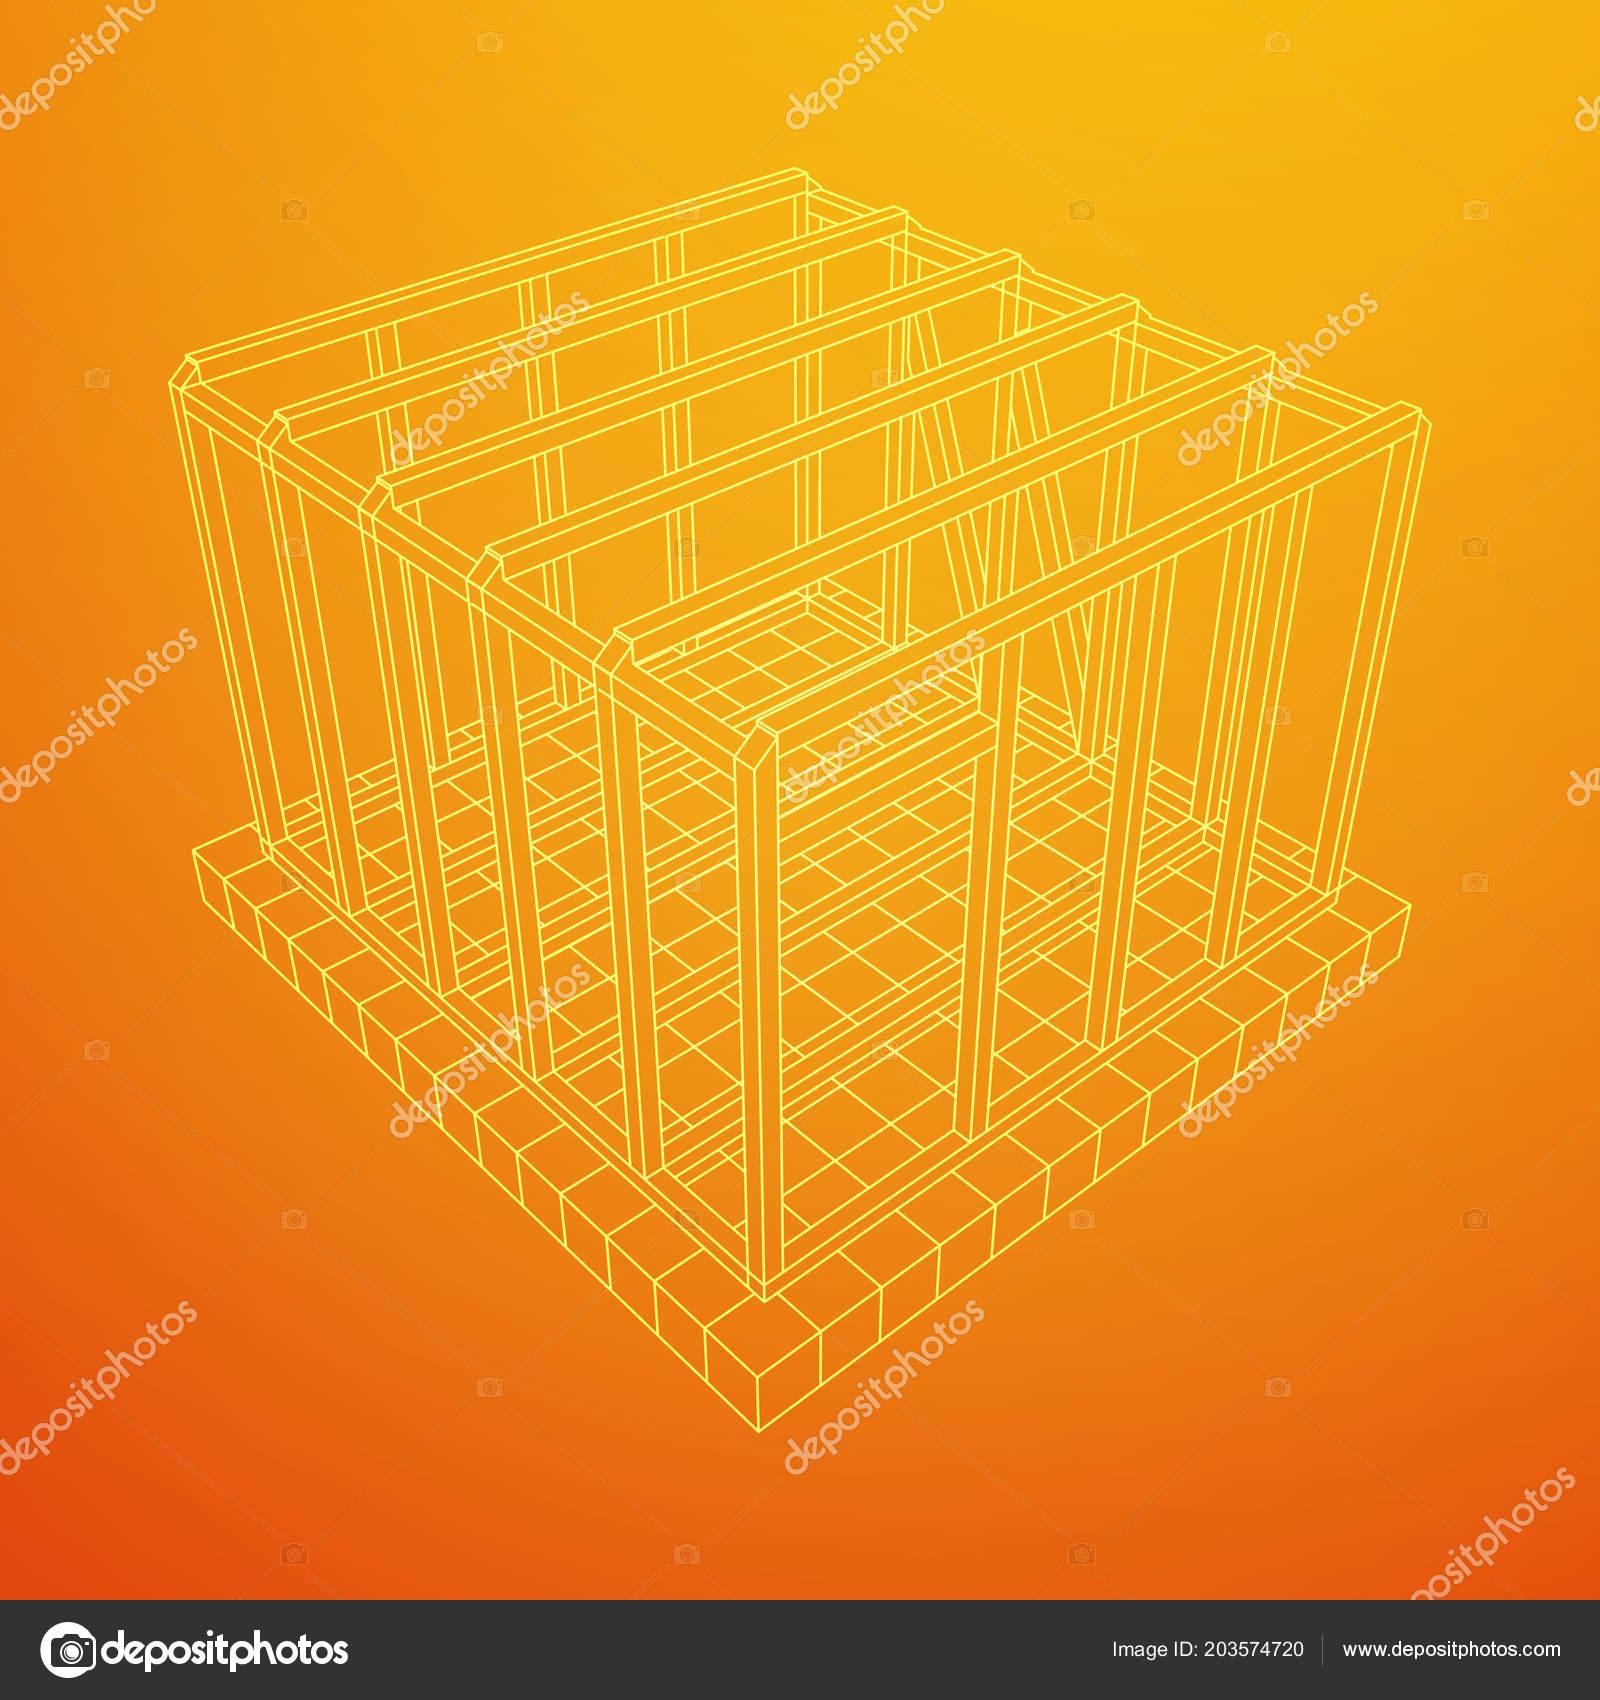 Casa de estructura de alambre — Vector de stock © newb1 #203574720